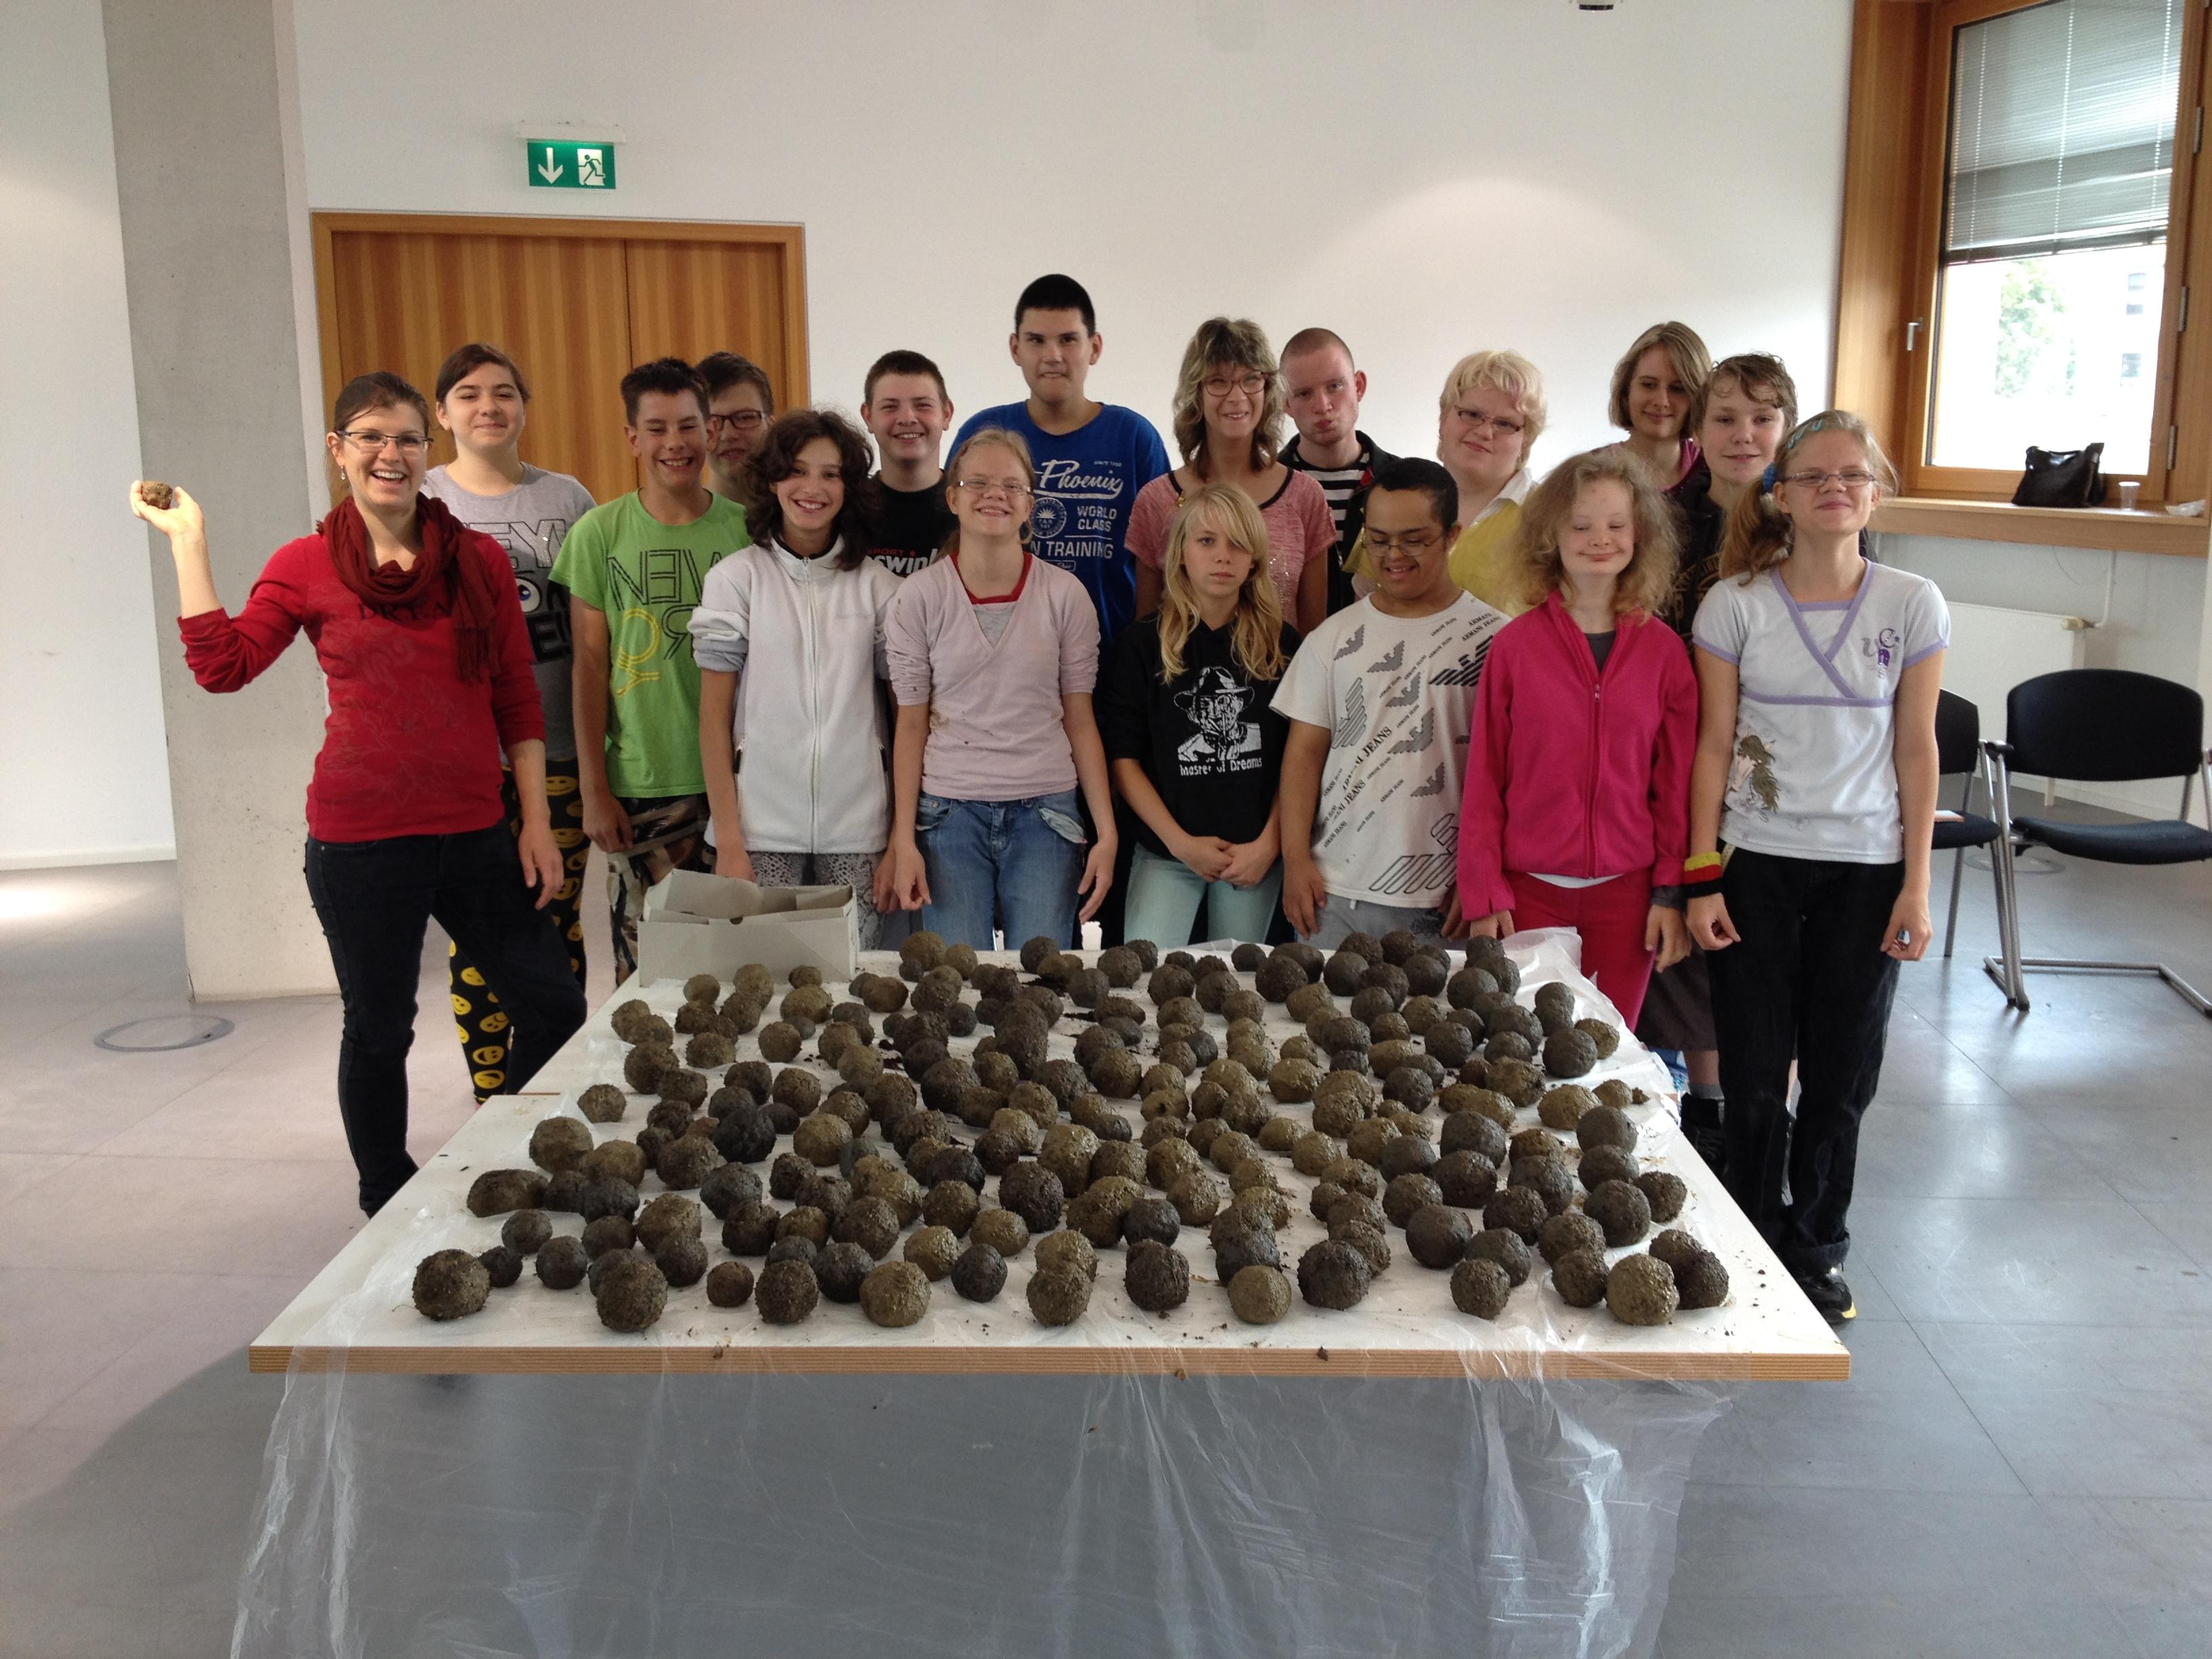 Eiruppenfoto der Kinder aus der Regenbogenschule mit den Samenbomben